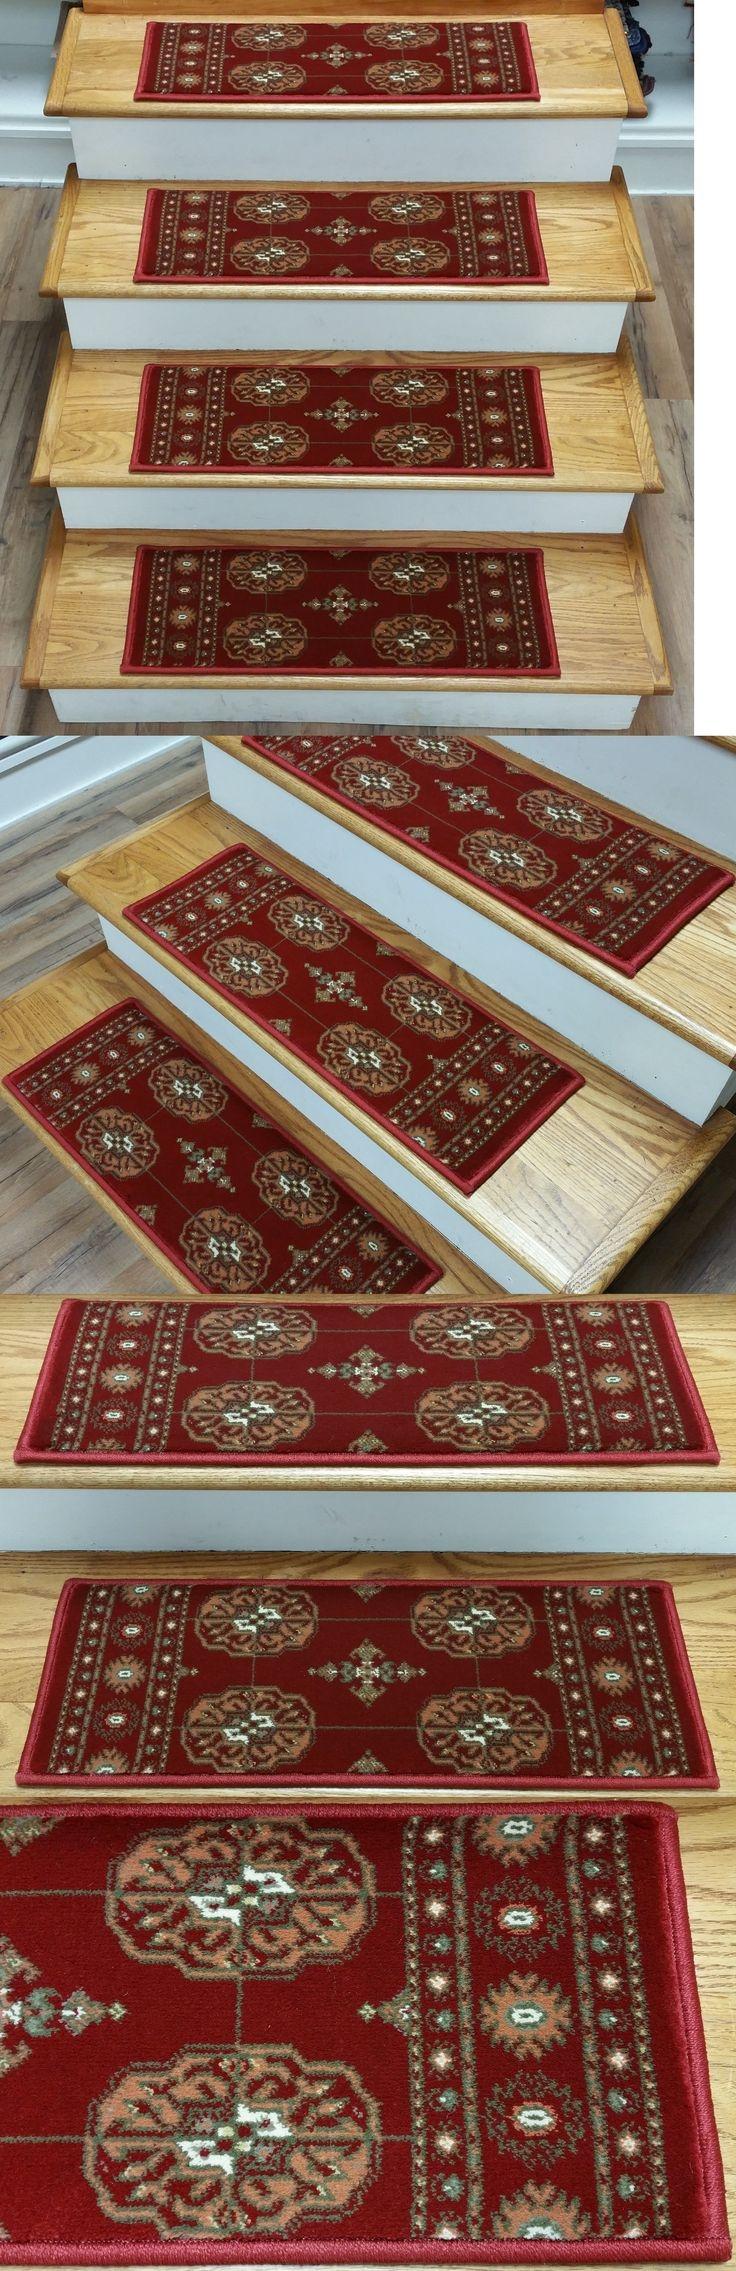 Top 25 Best Carpet Stair Treads Ideas On Pinterest Wood Stair Regarding Individual Stair Tread Rugs (#20 of 20)